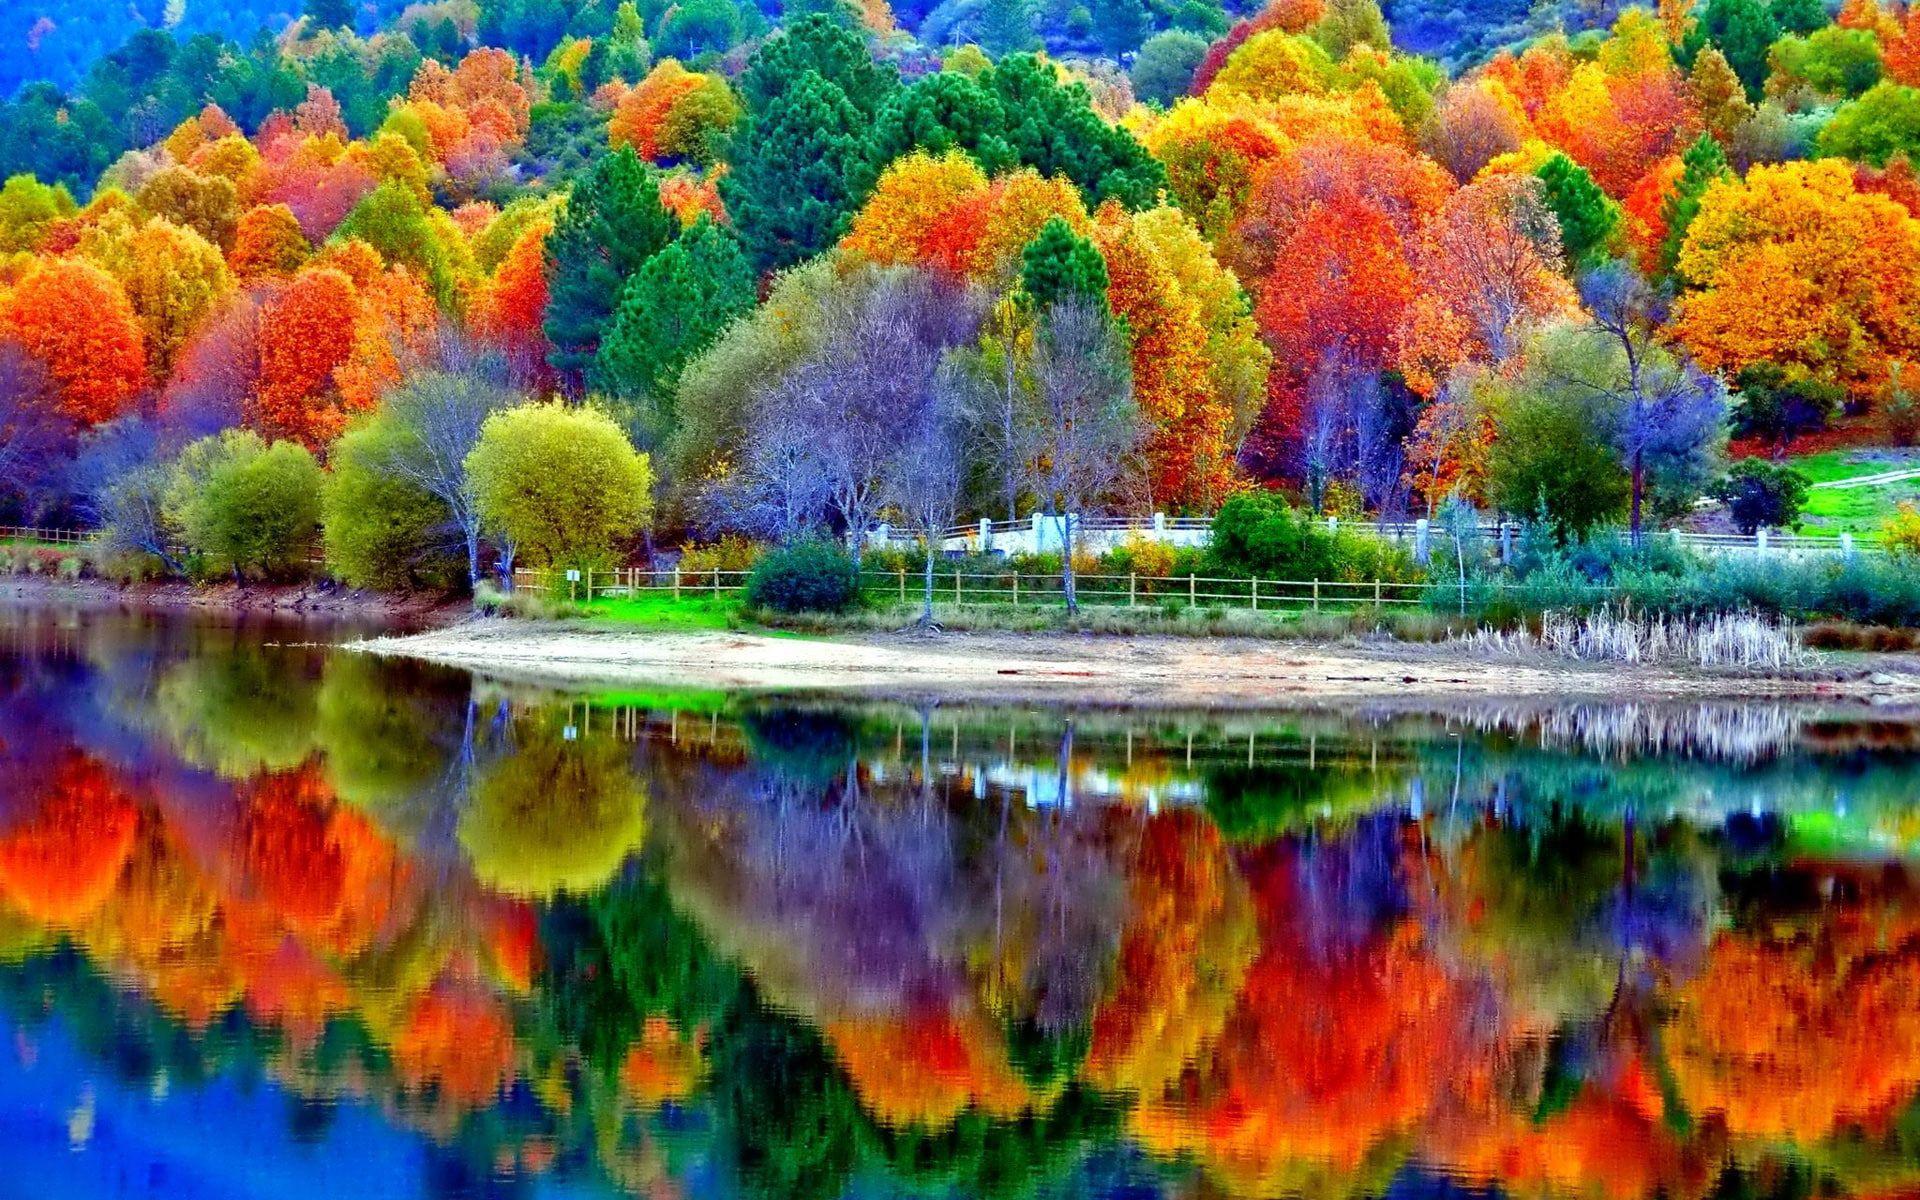 Nature 1920x1200 Forest Lake Water Tree Hd 4k 1080p Wallpaper Hdwallpaper Desktop Landscape Wallpaper Autumn Scenery Scenery Wallpaper